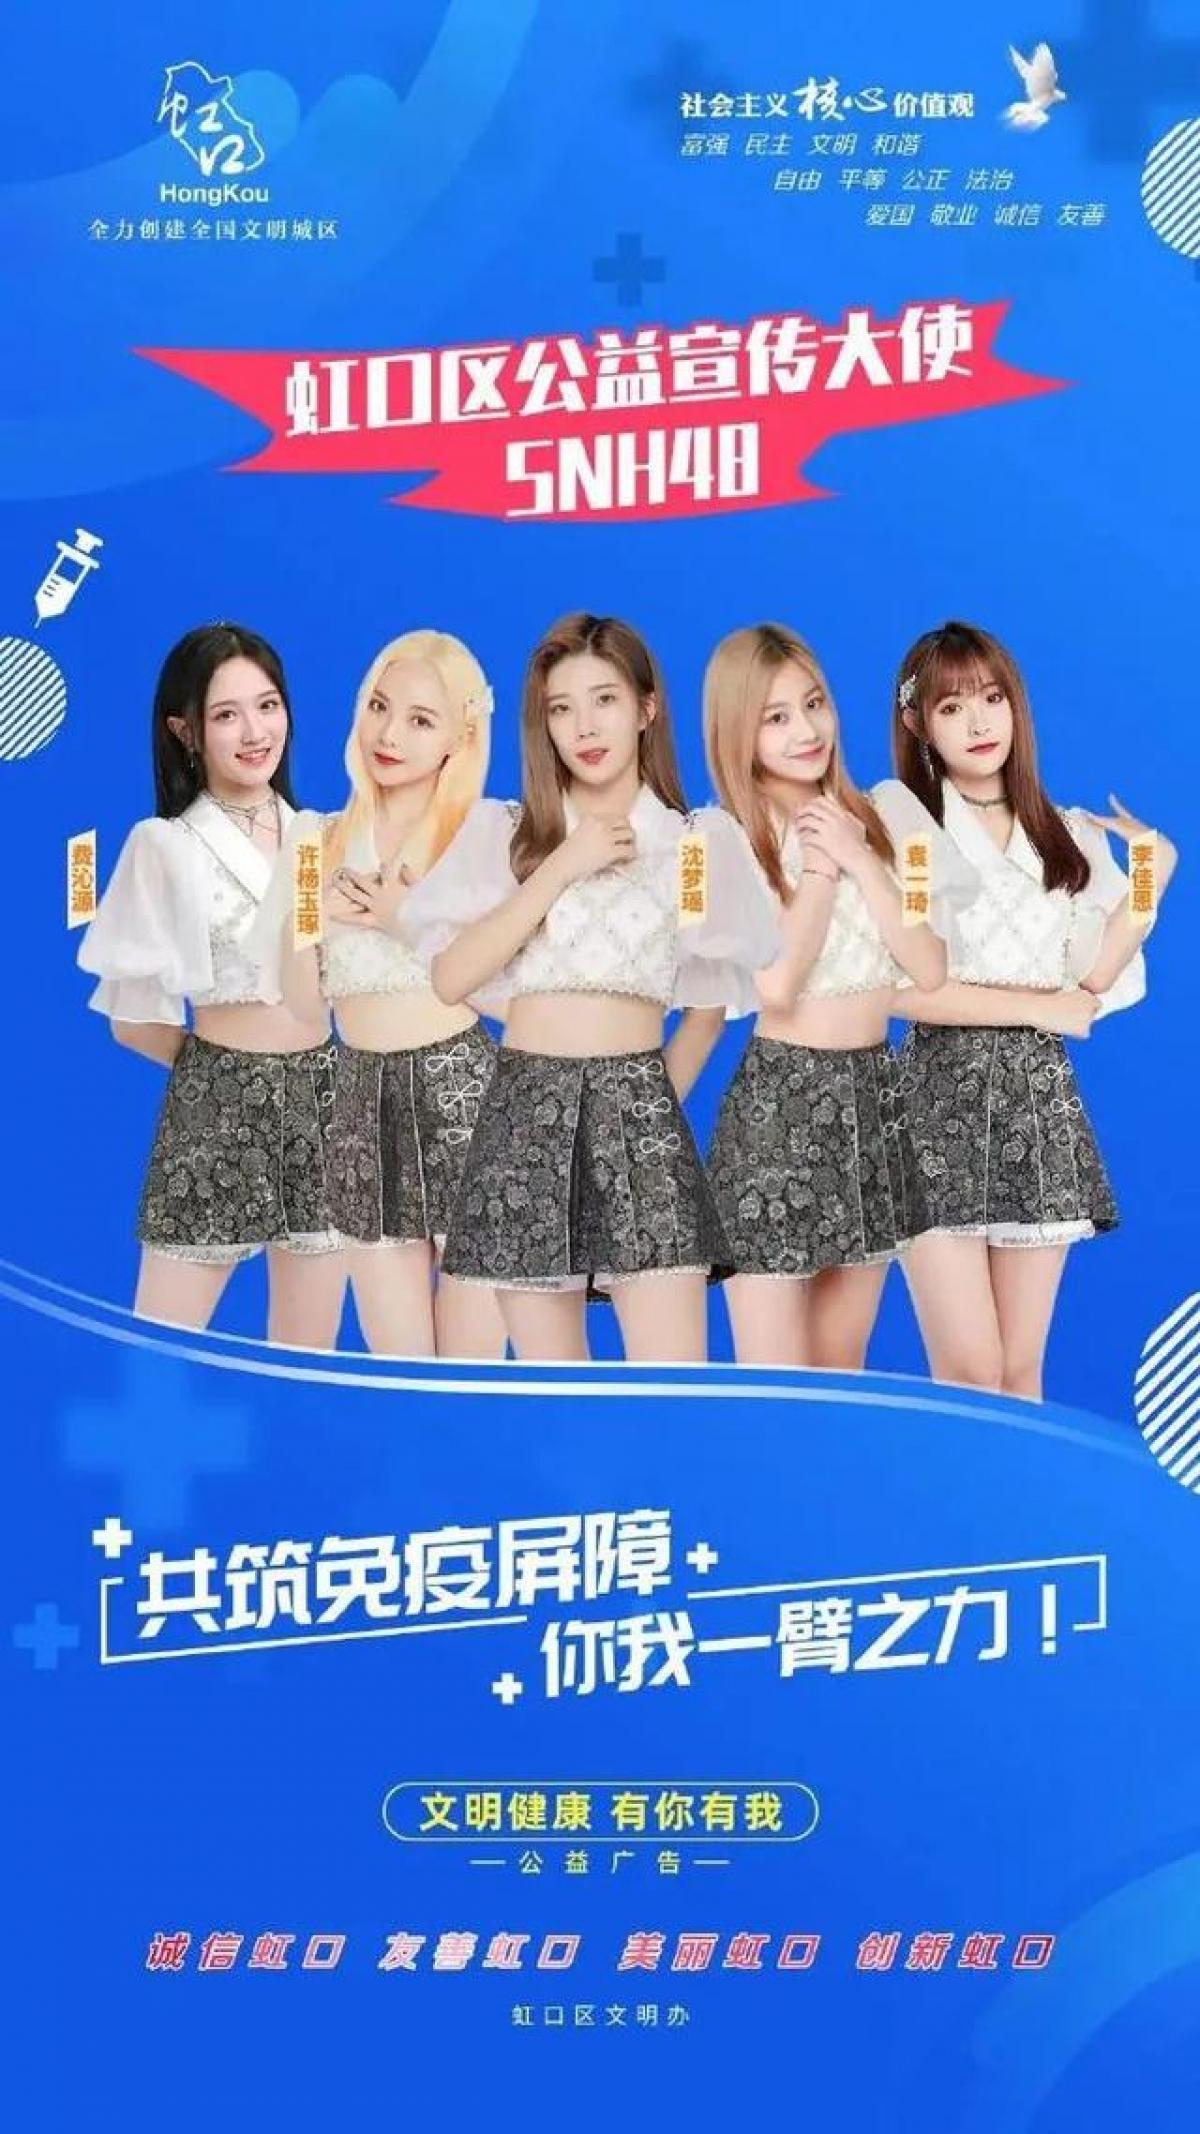 Tranh cổ động tiêm vaccine Covid-19 của quận Hồng Khẩu, Thượng Hải với sự tham gia của nhóm nhạc SNH48.